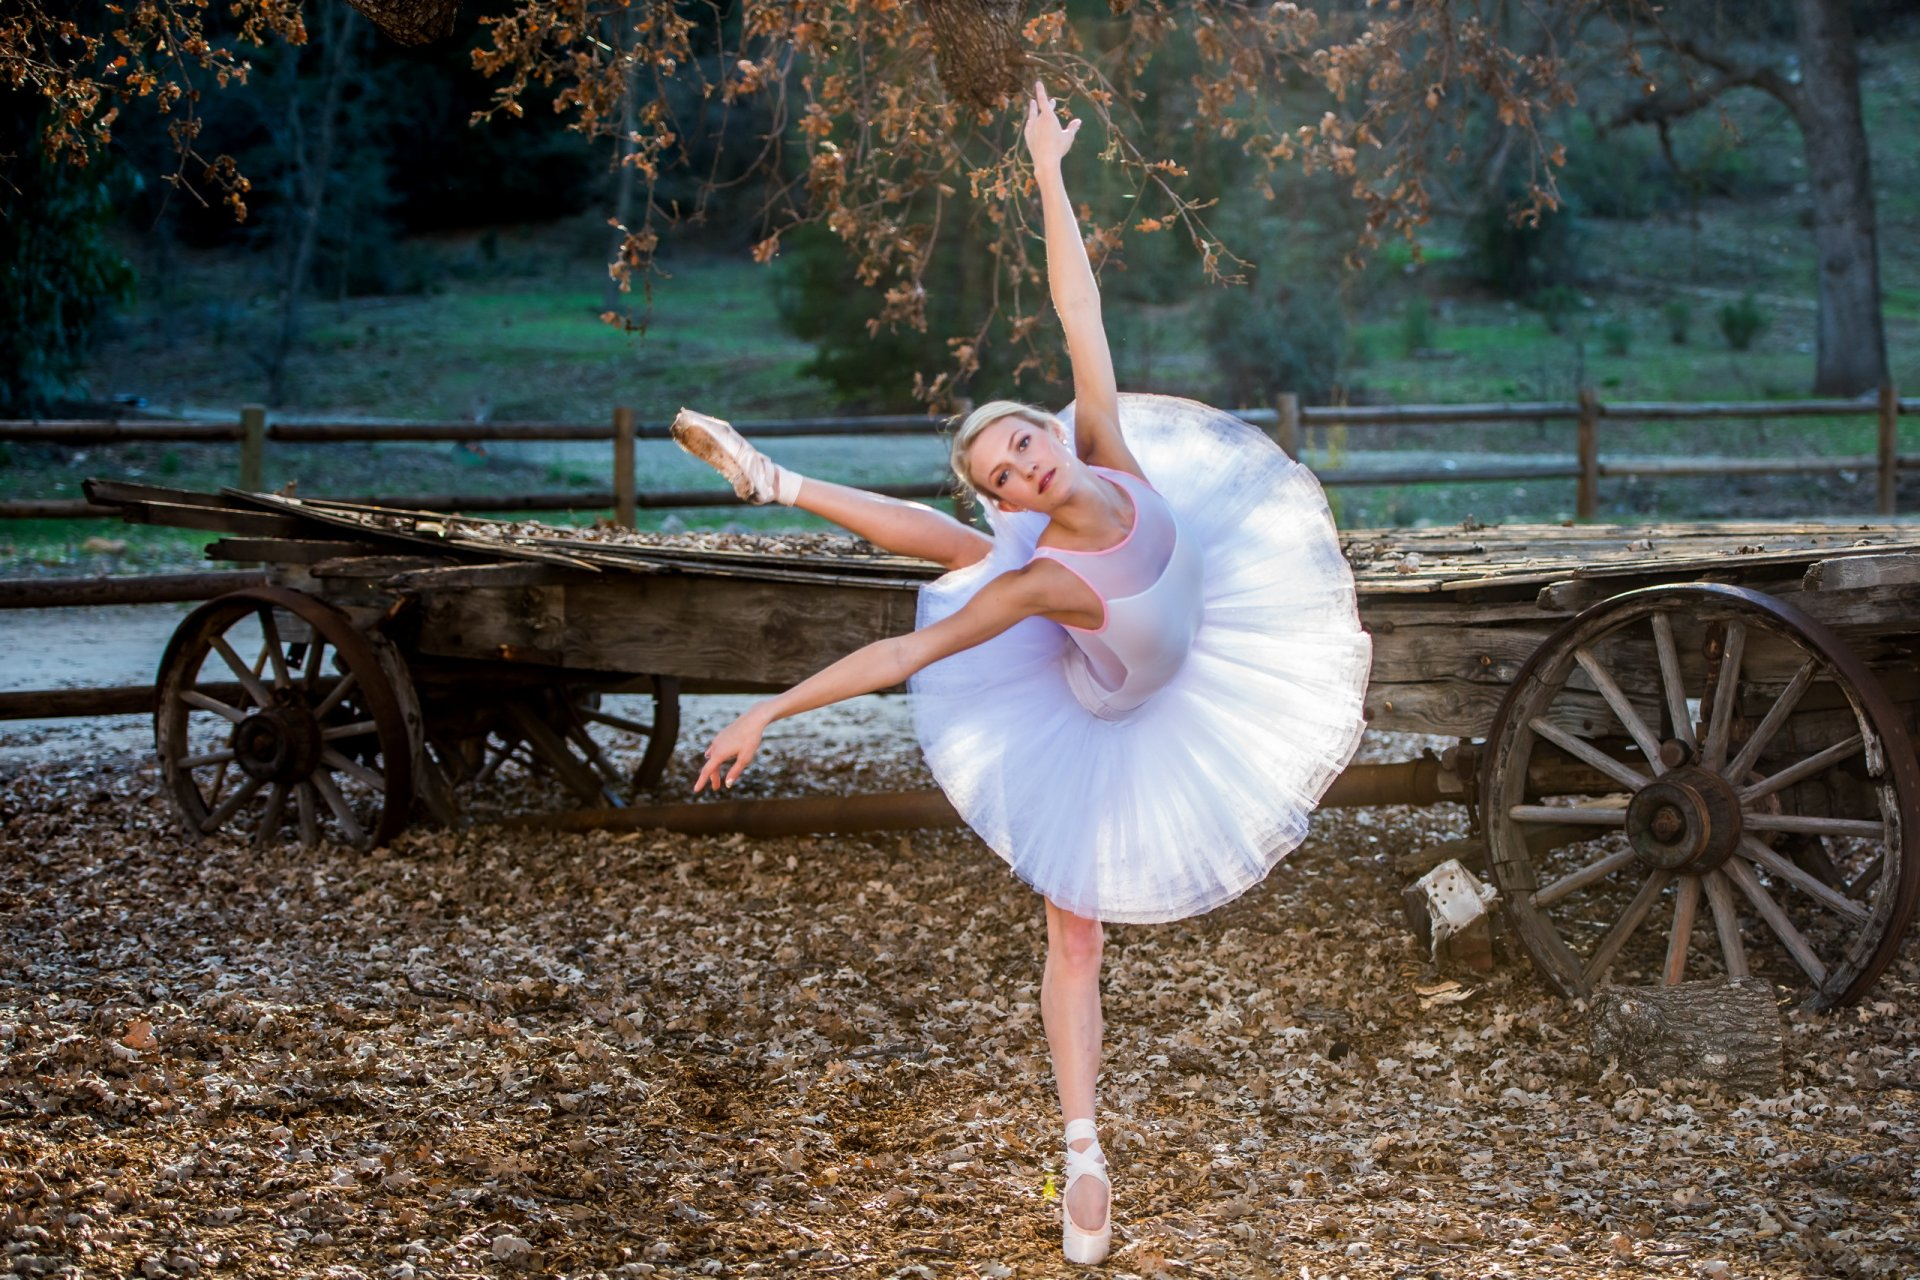 Самые крутые фото балерины на природе